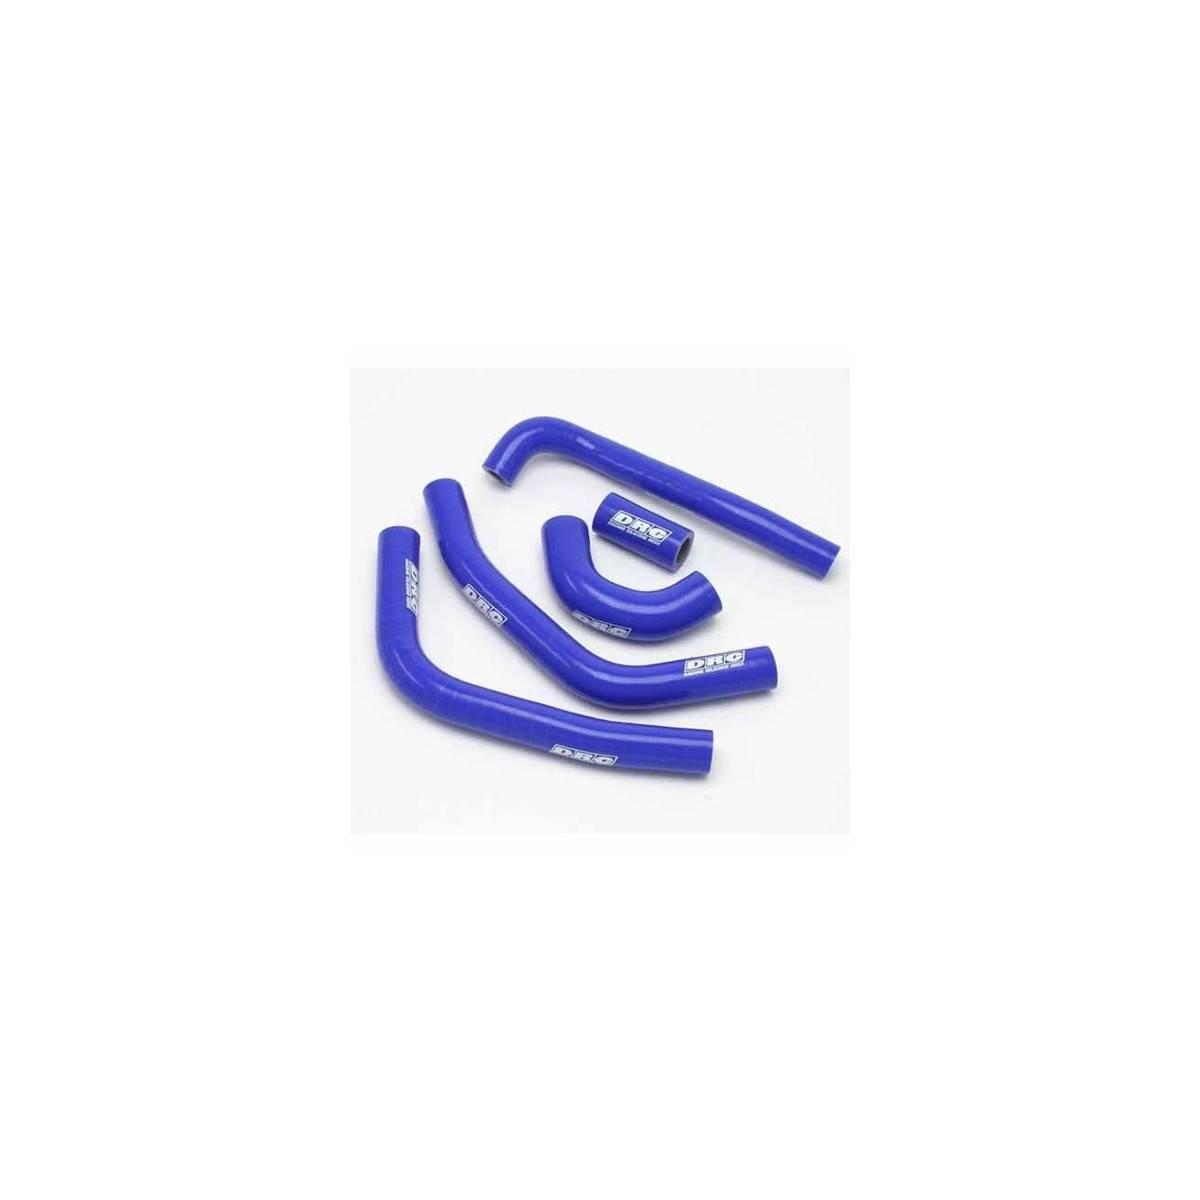 D47.01.322 - Kit Manguitos Radiador Kawa Kit Klx250 D-Tracker ´08 Azul